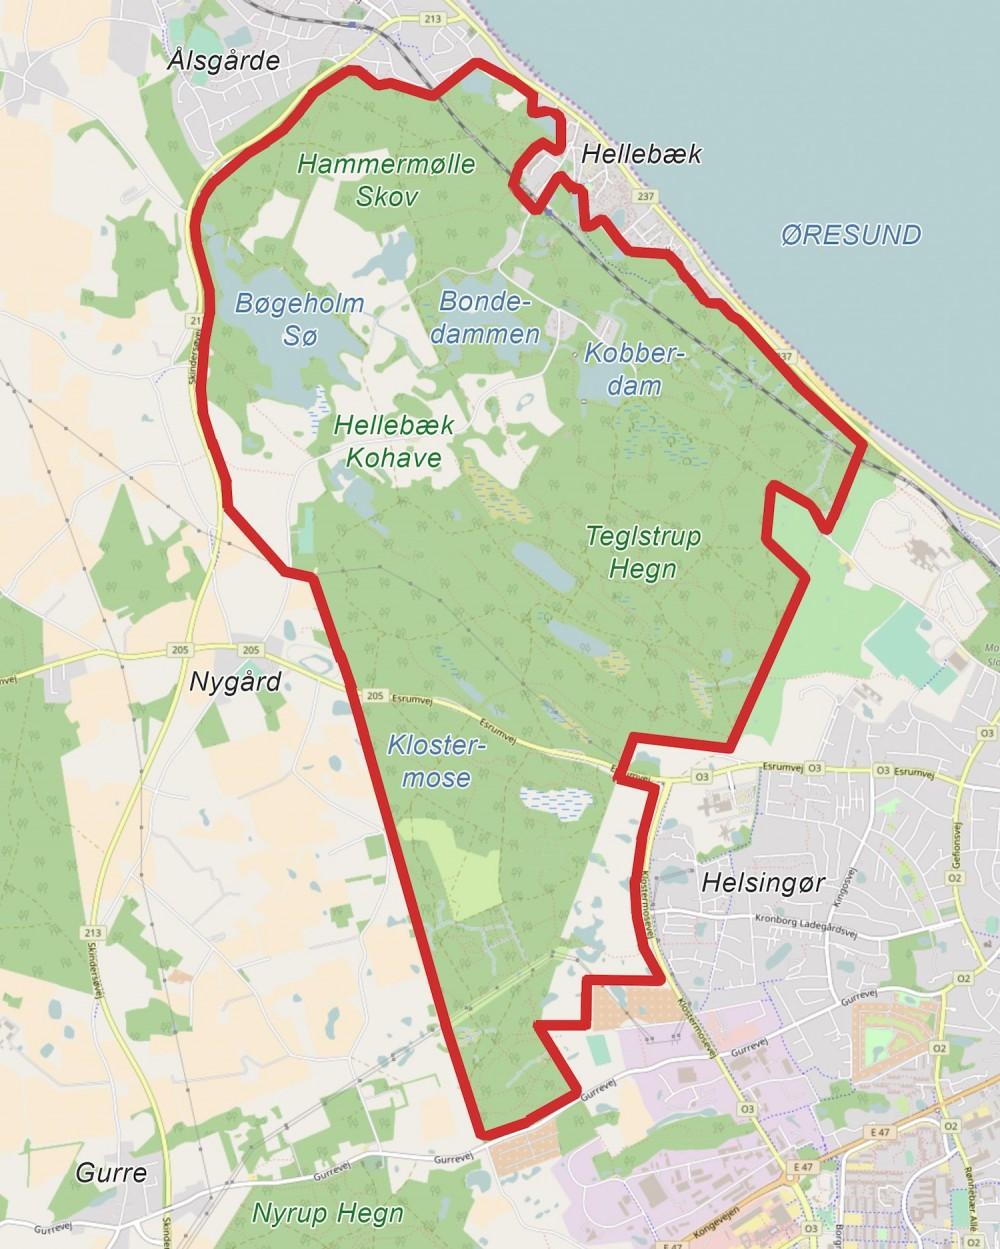 Foreslået afgrænsning af en 1.000 hektar stor Naturnationalpark Hellebæk Skov & Teglstrup Hegn